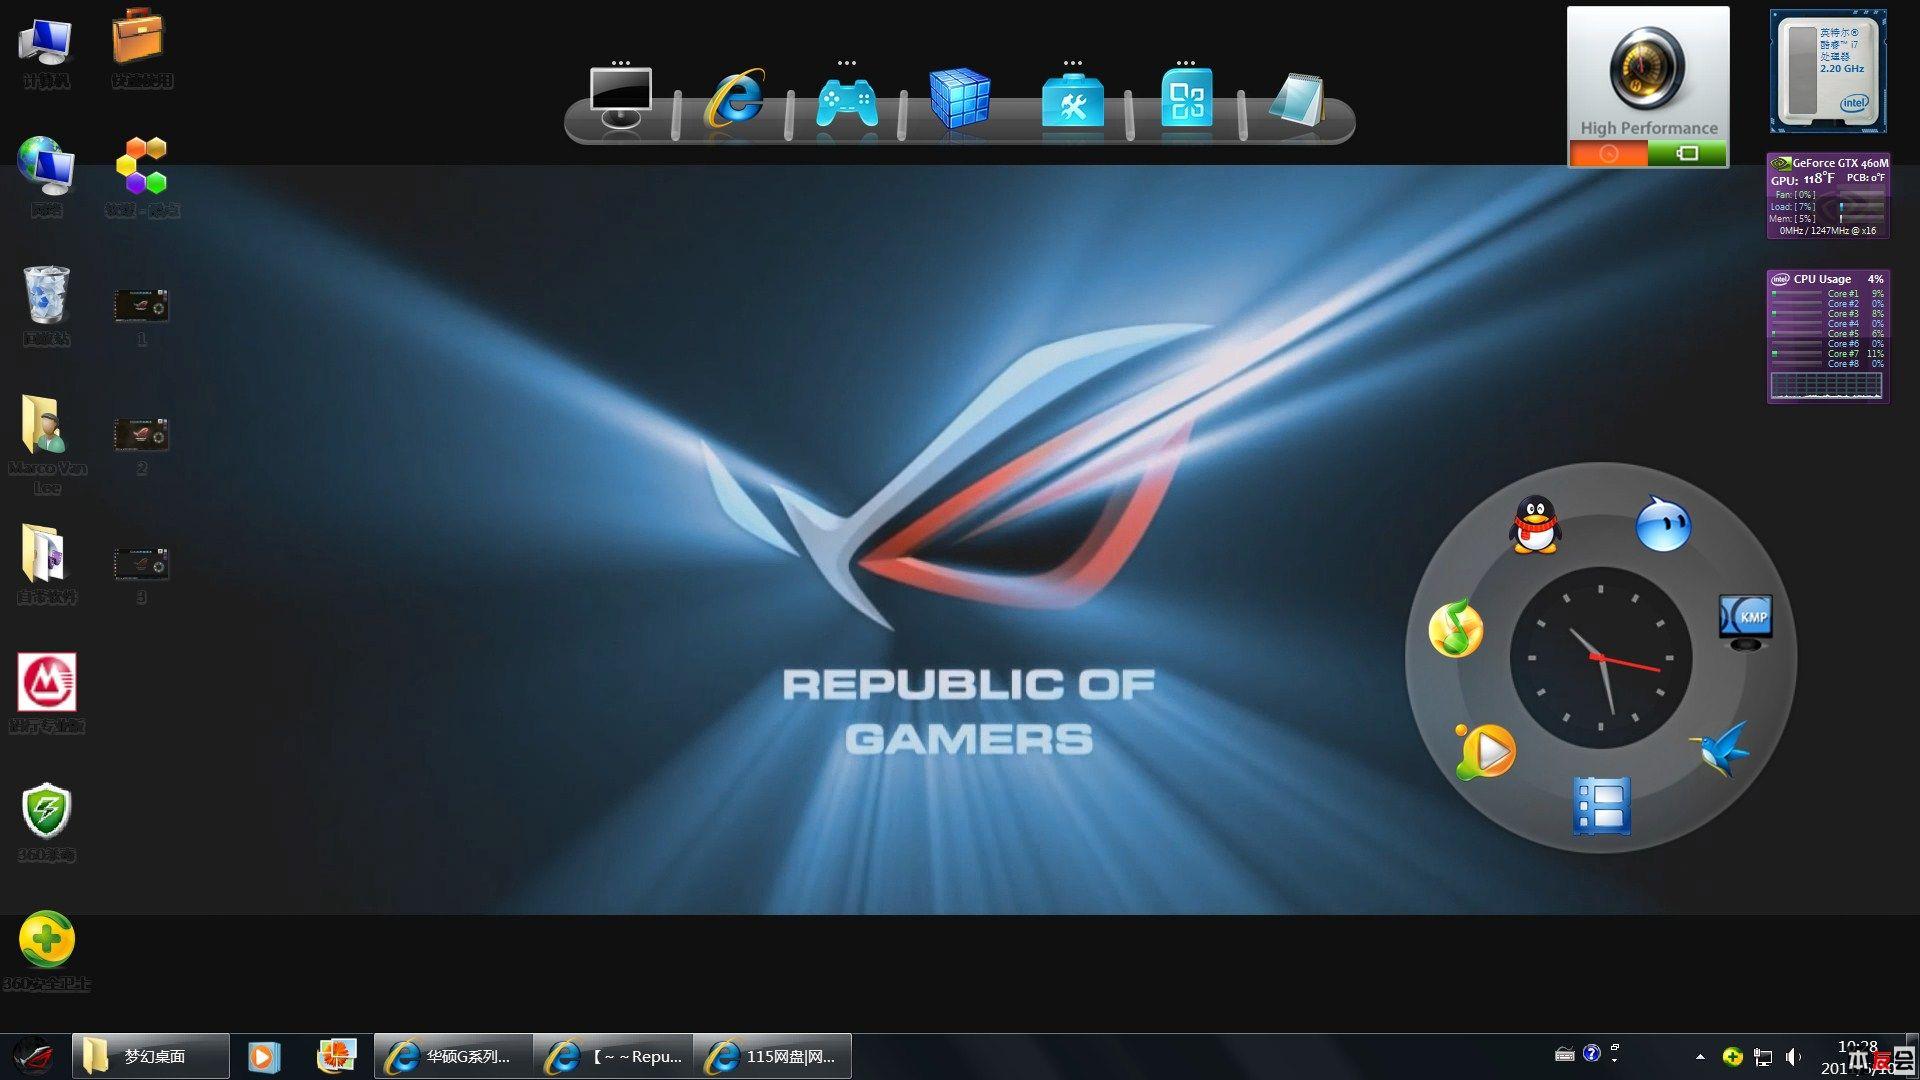 玩家国度1080p壁纸_图片素材